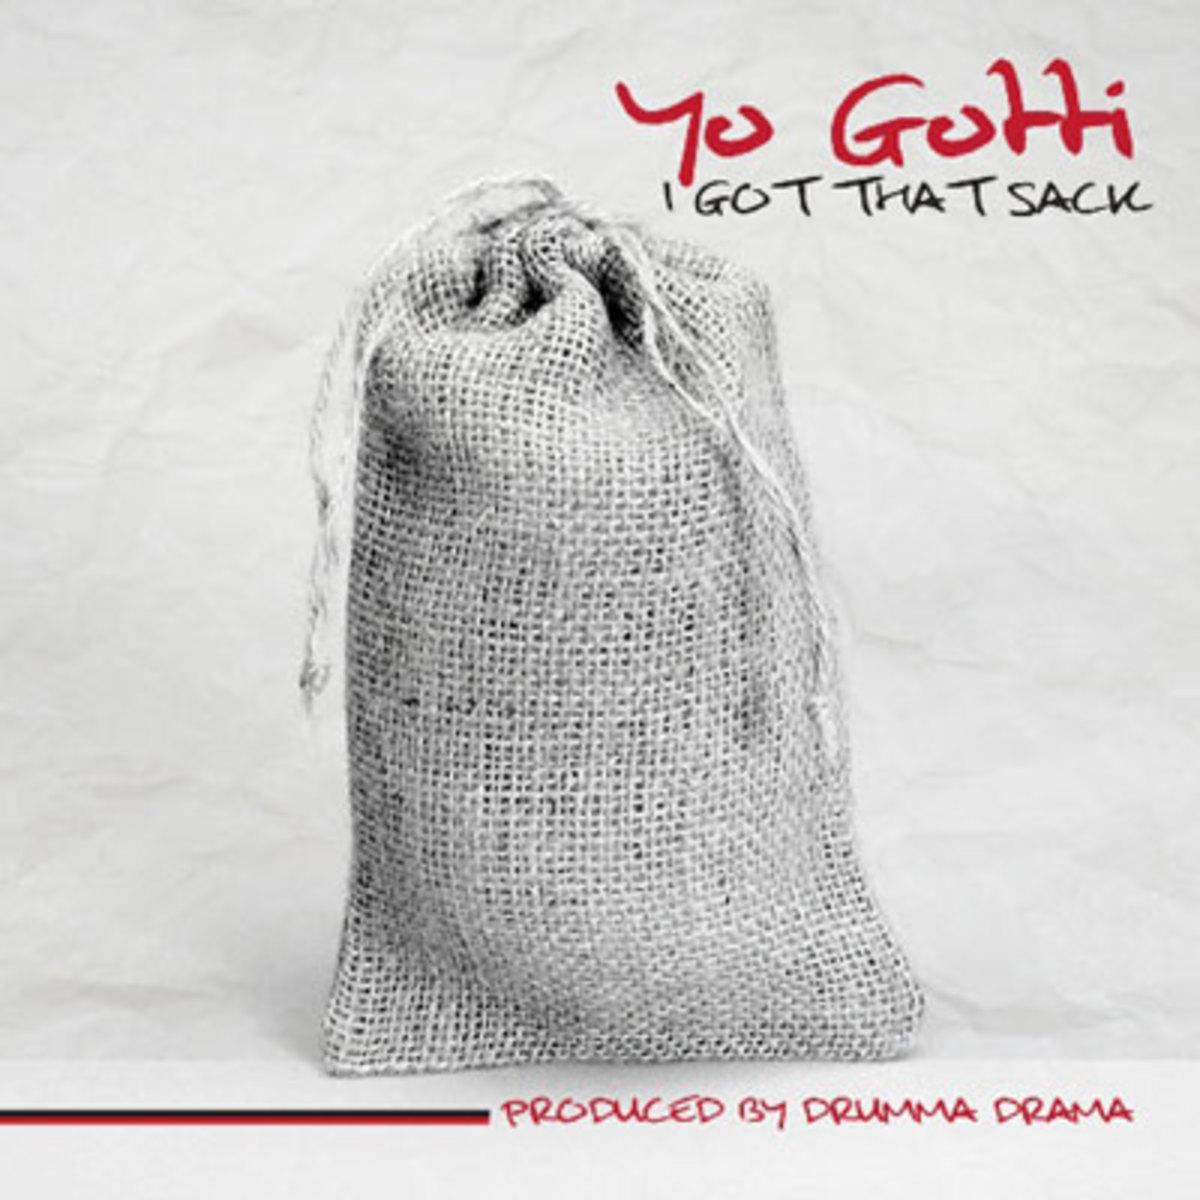 yogotti-igotthatsack.jpg